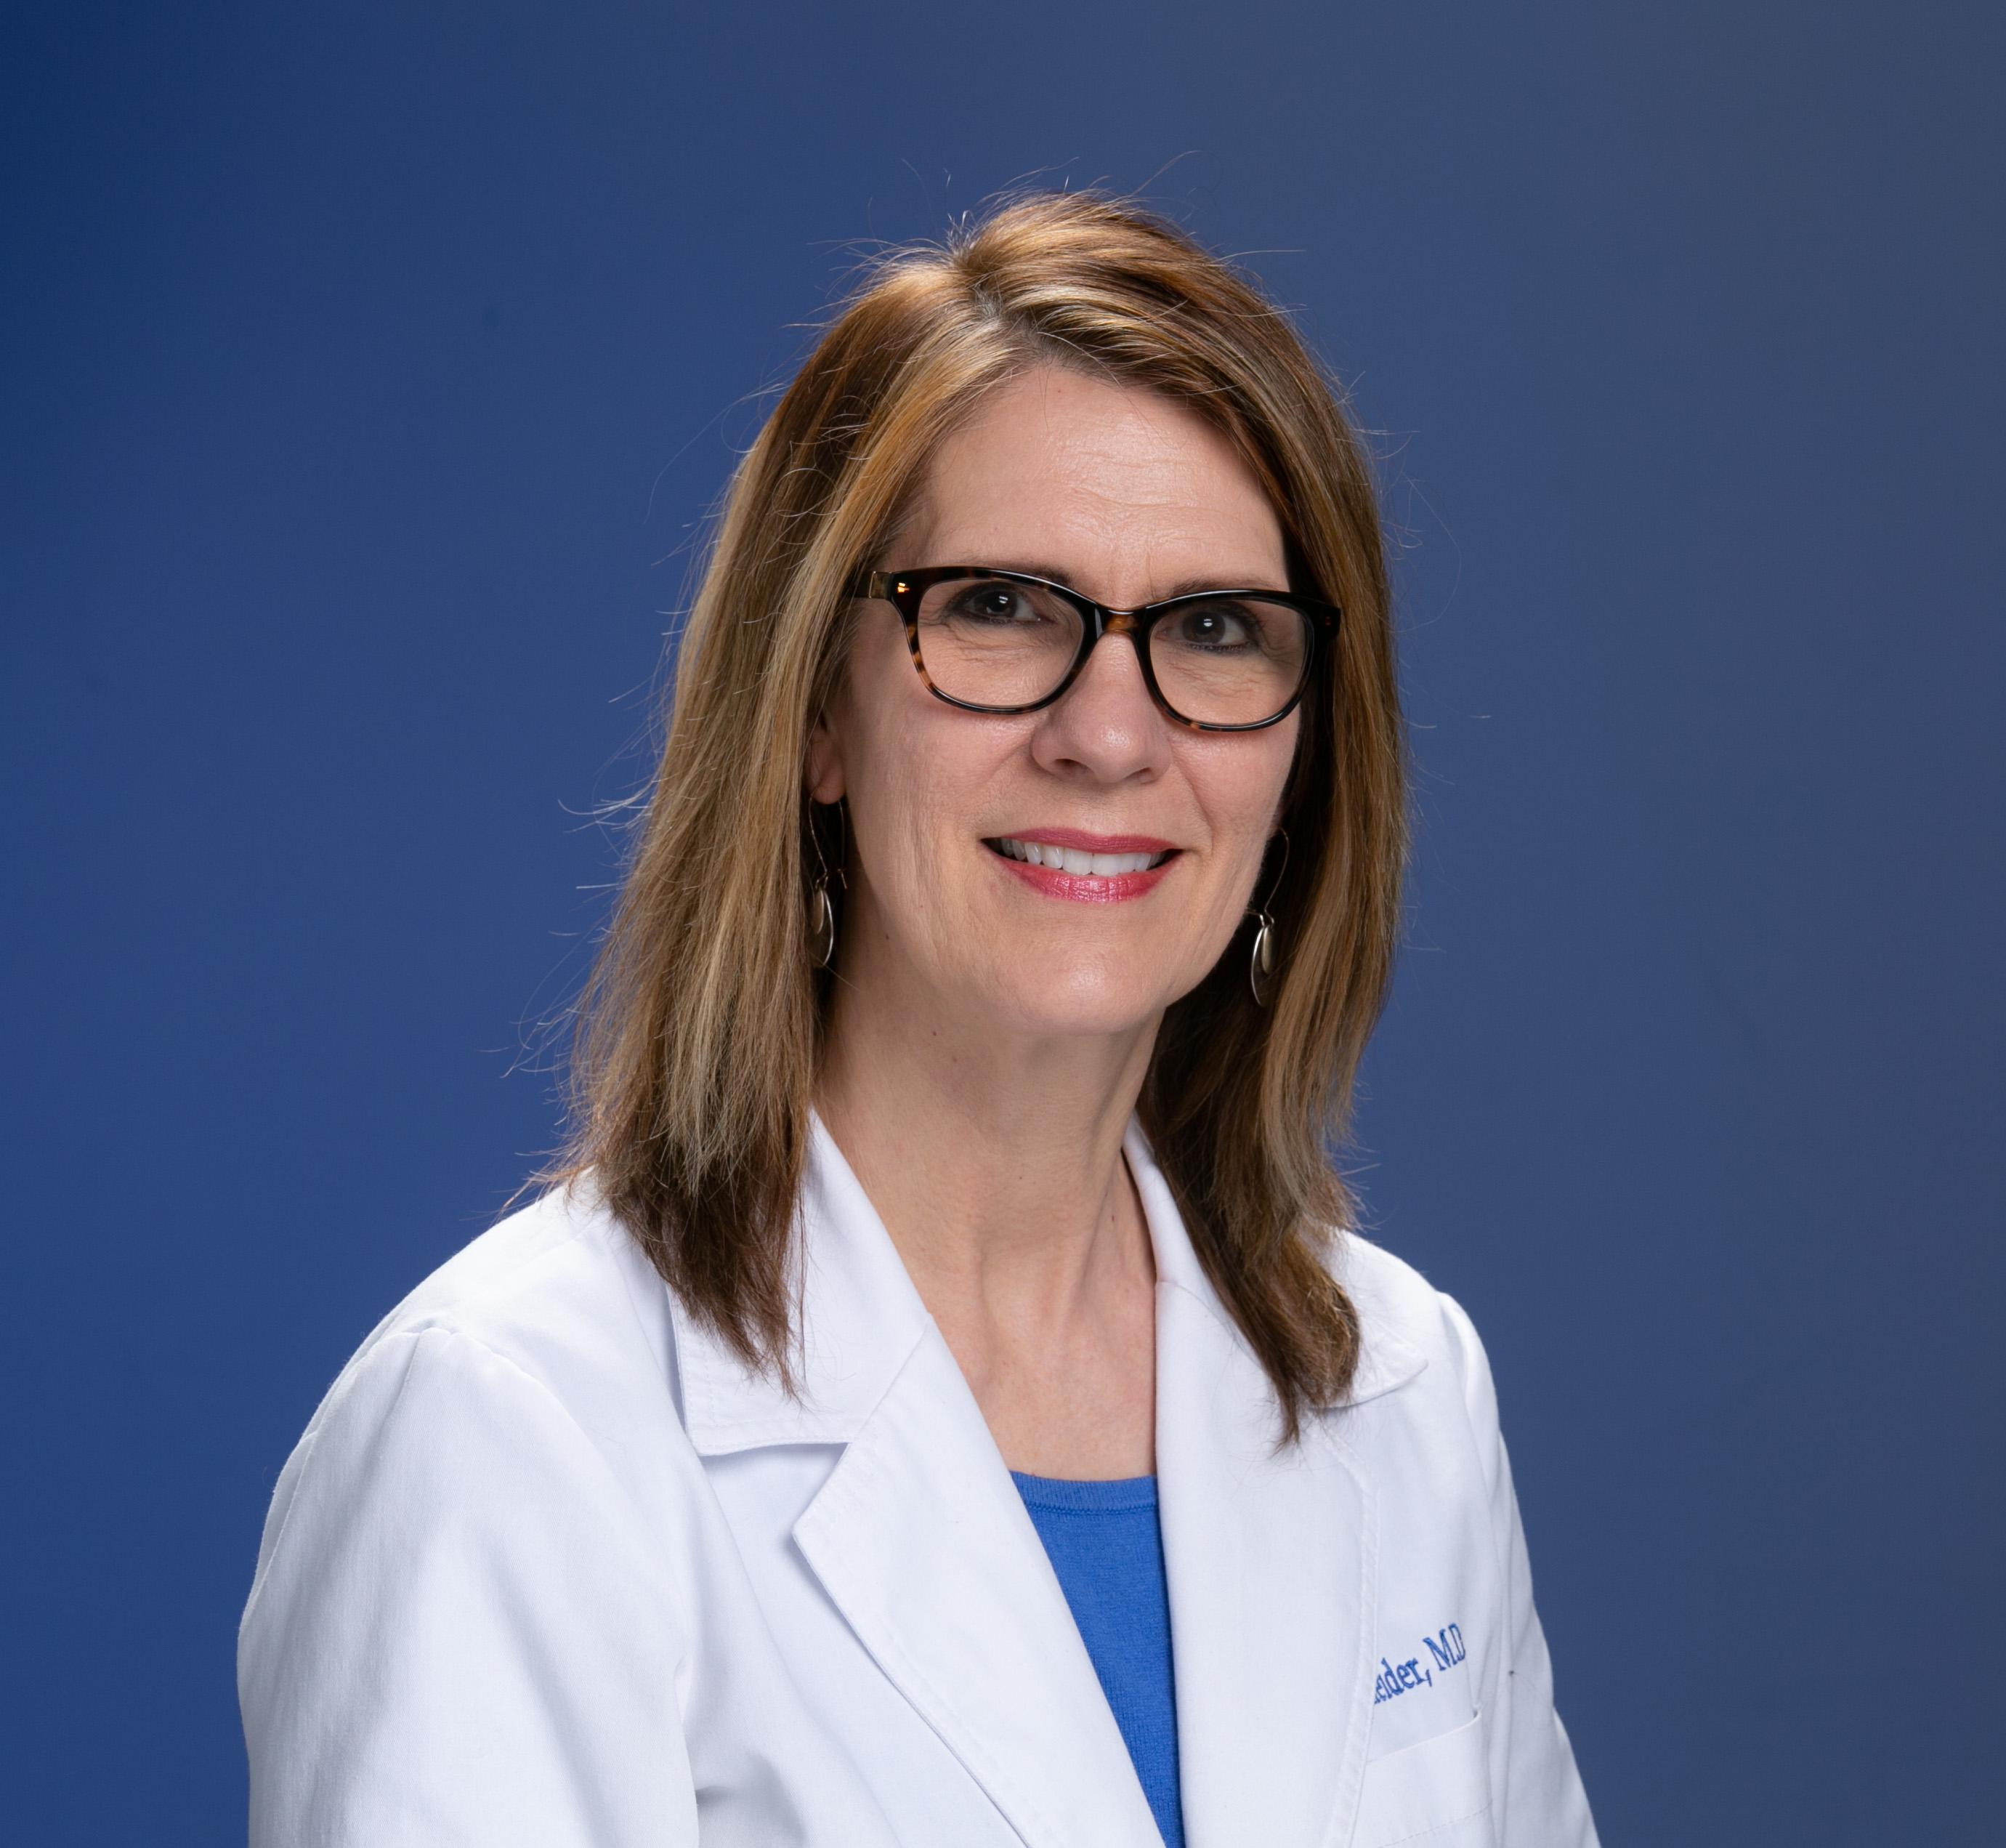 Cheri Schneider, MD